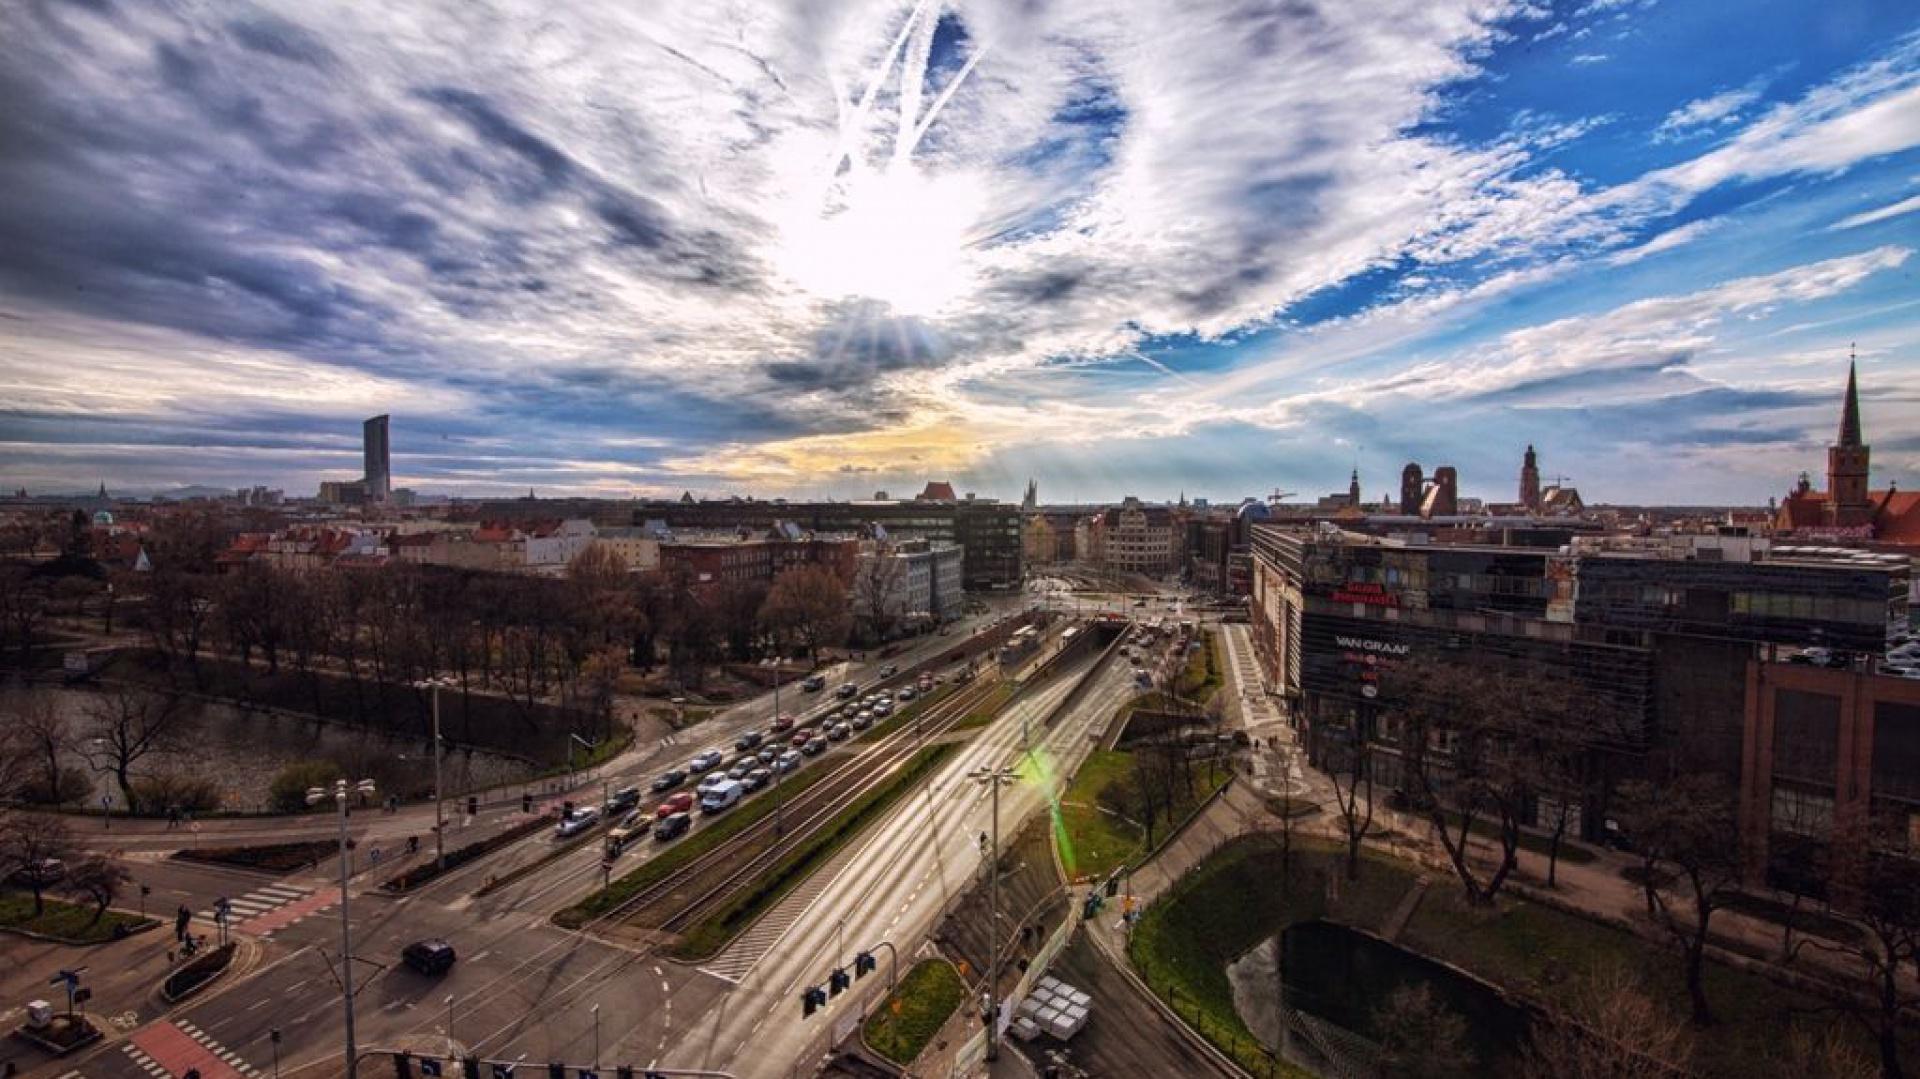 Widoki z OVO. Fot. Lukasz Latwinski